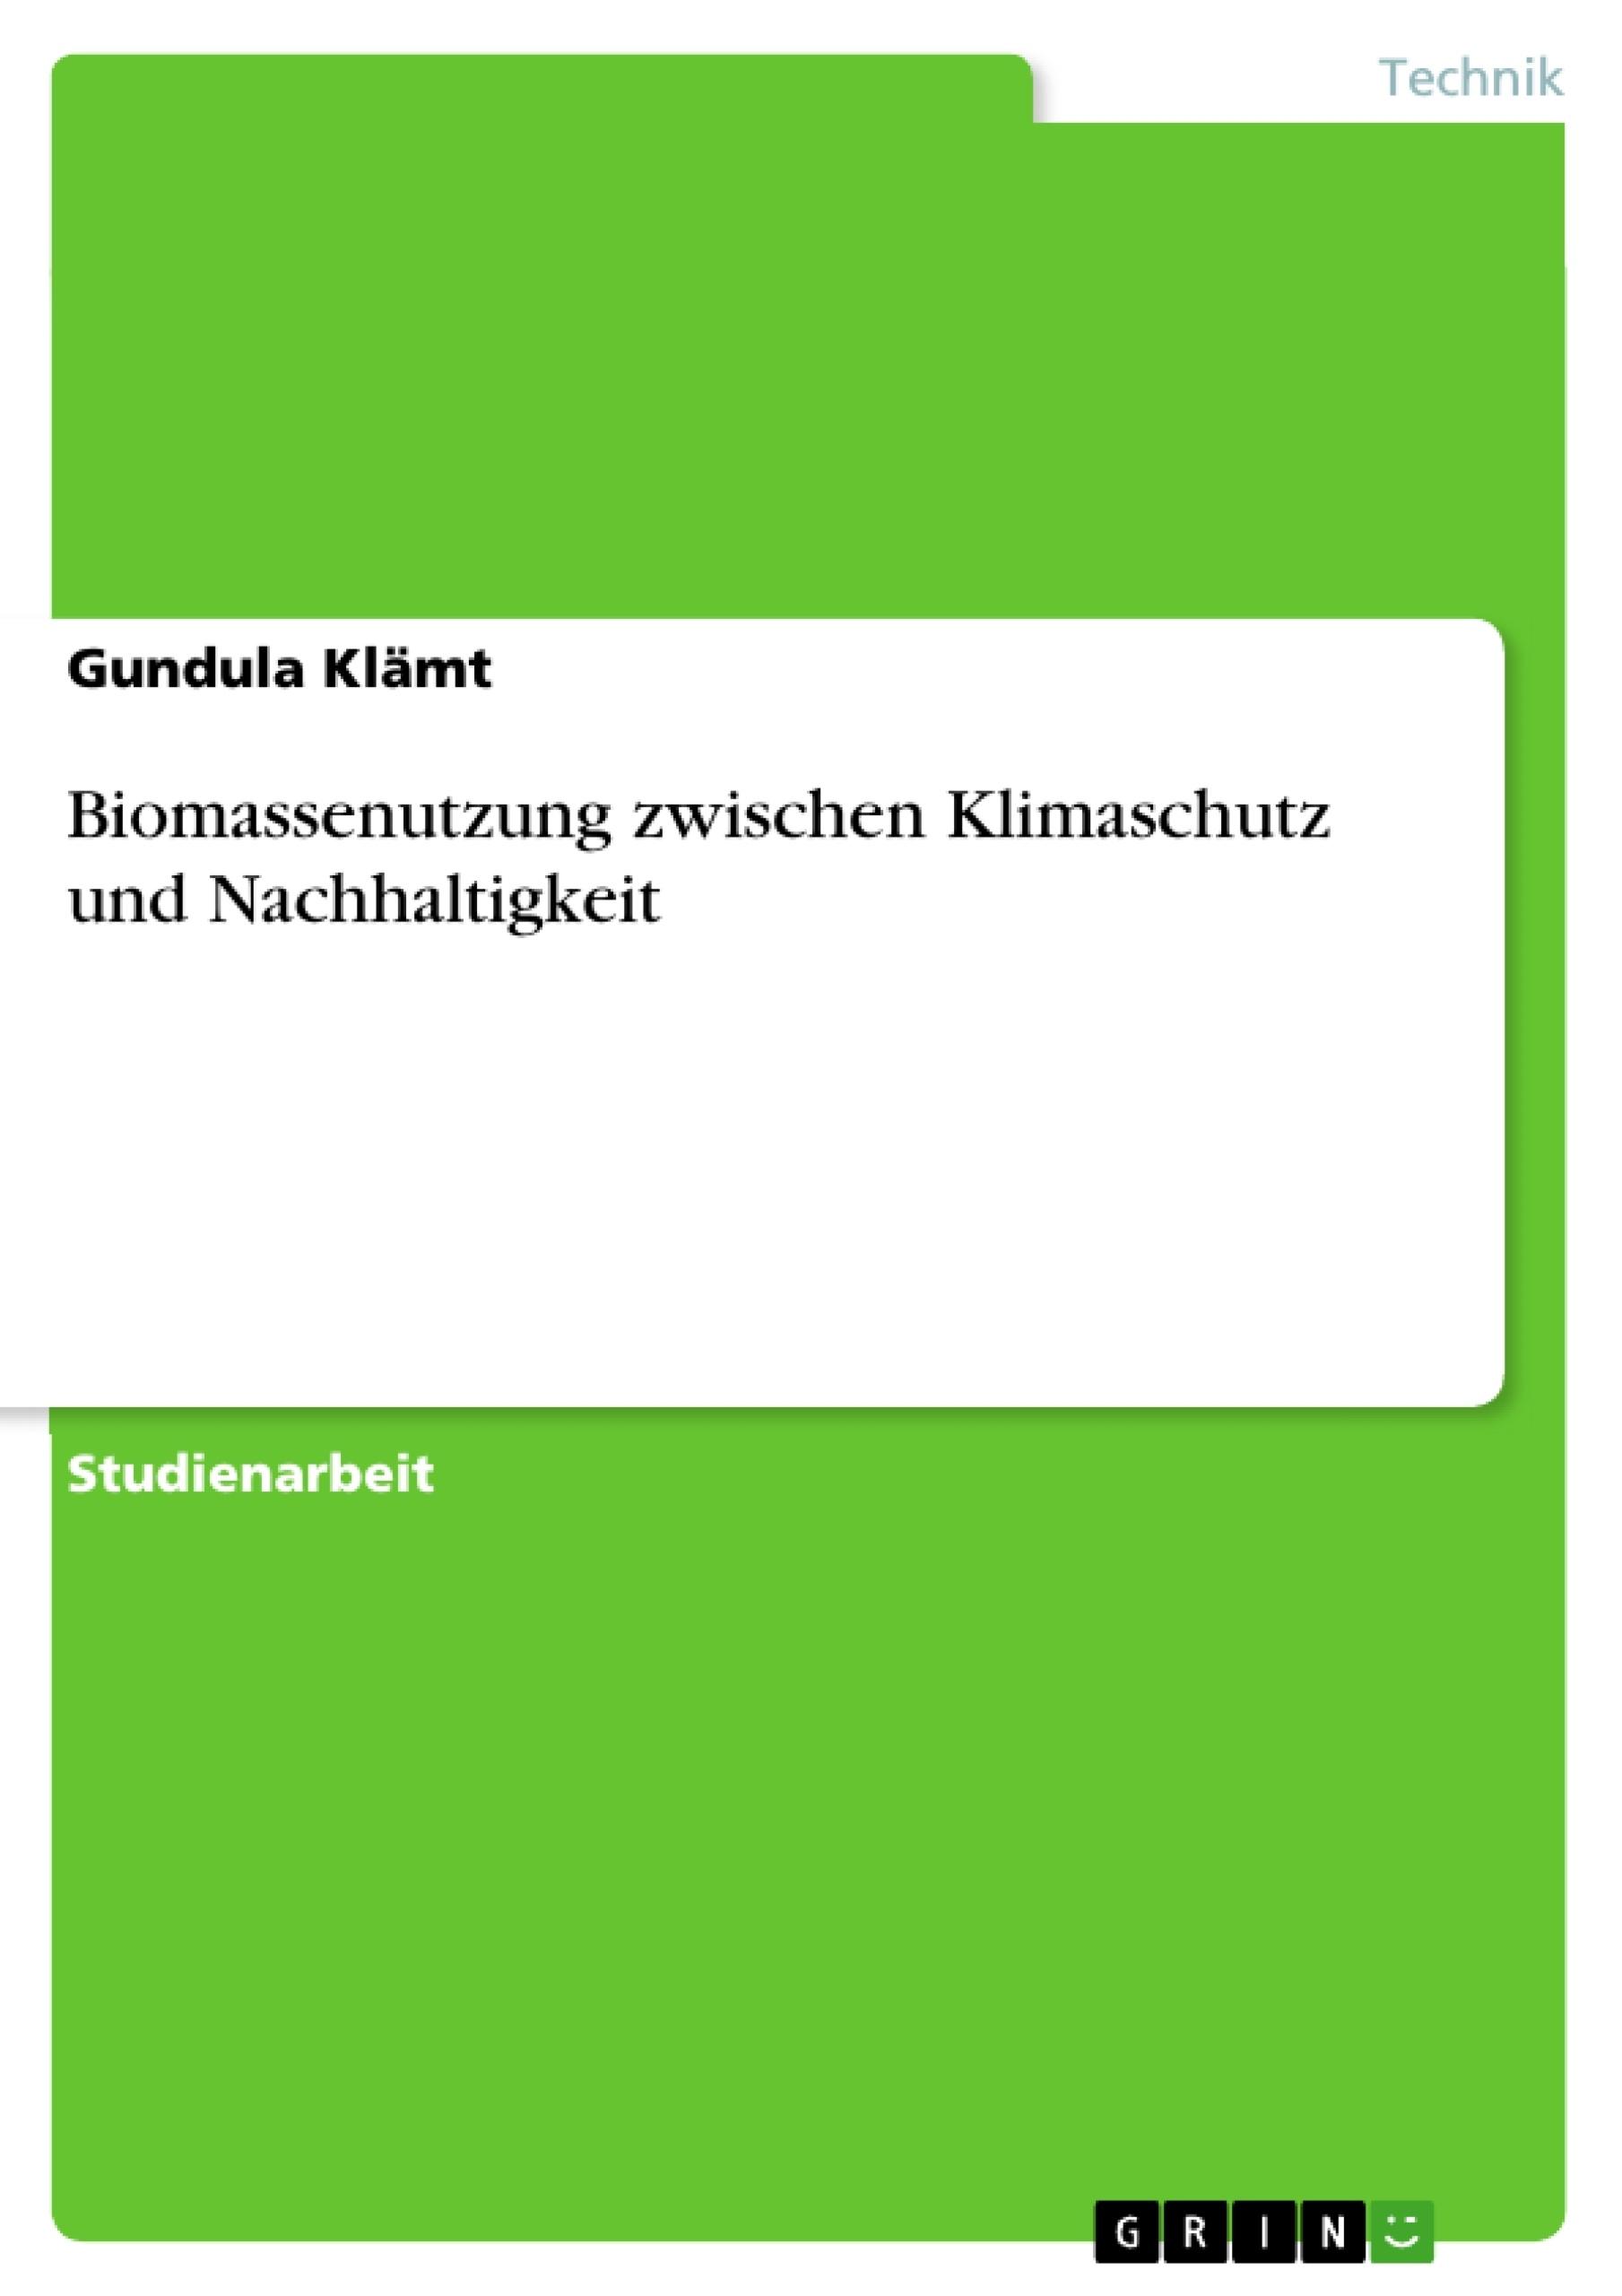 Titel: Biomassenutzung zwischen Klimaschutz und Nachhaltigkeit